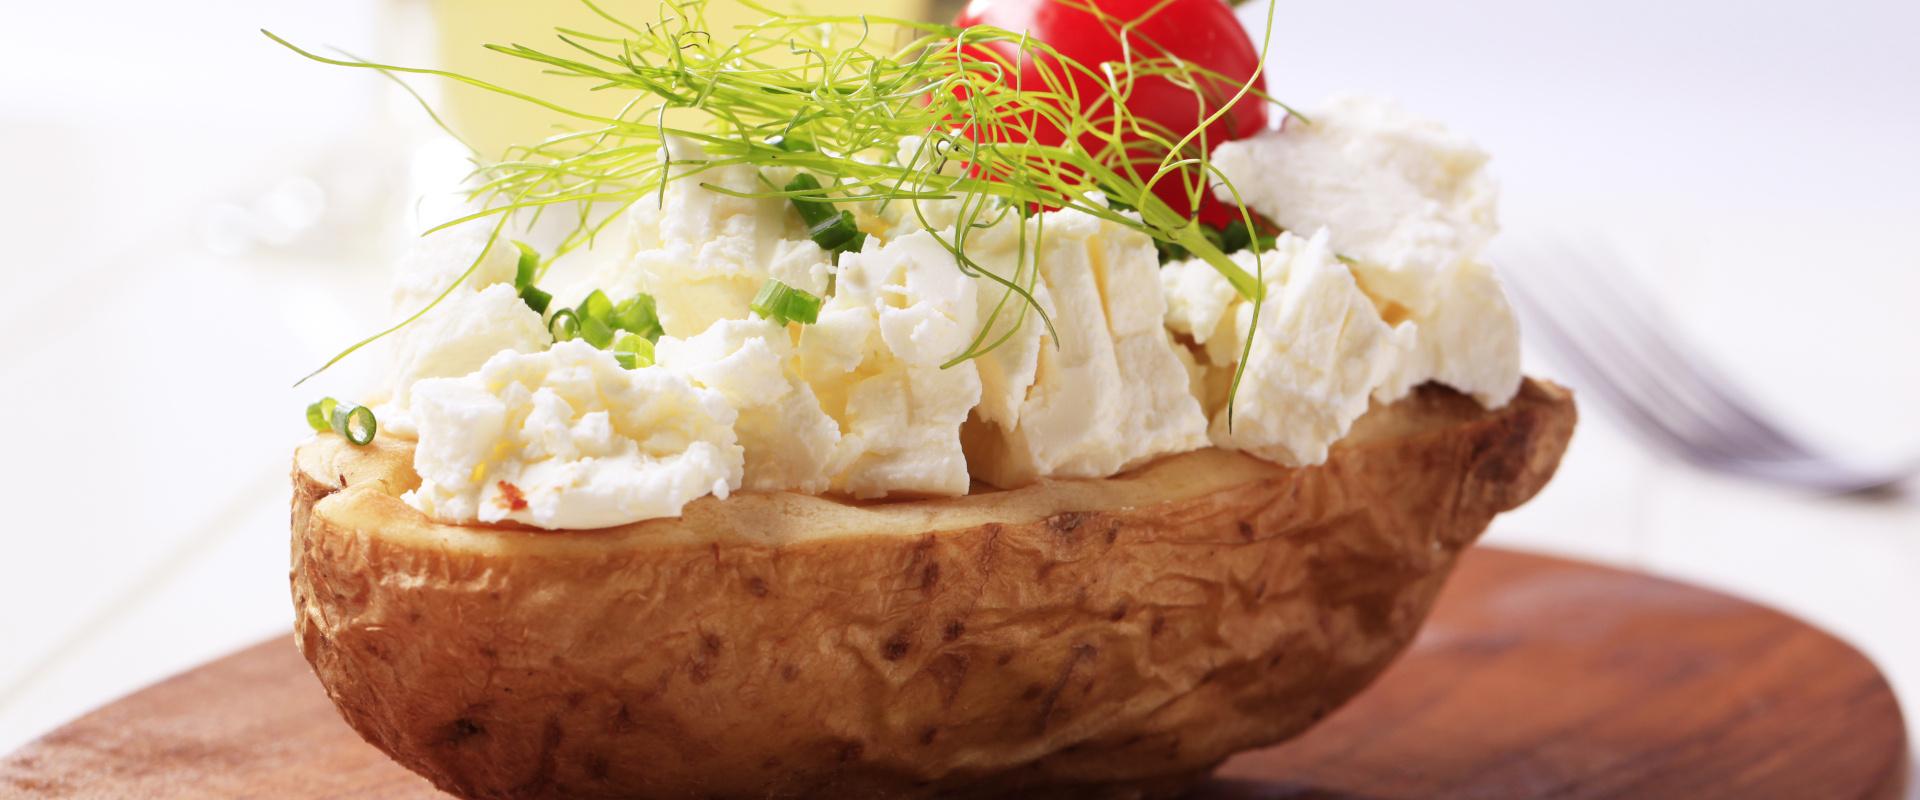 héjában főtt krumpli sajttal